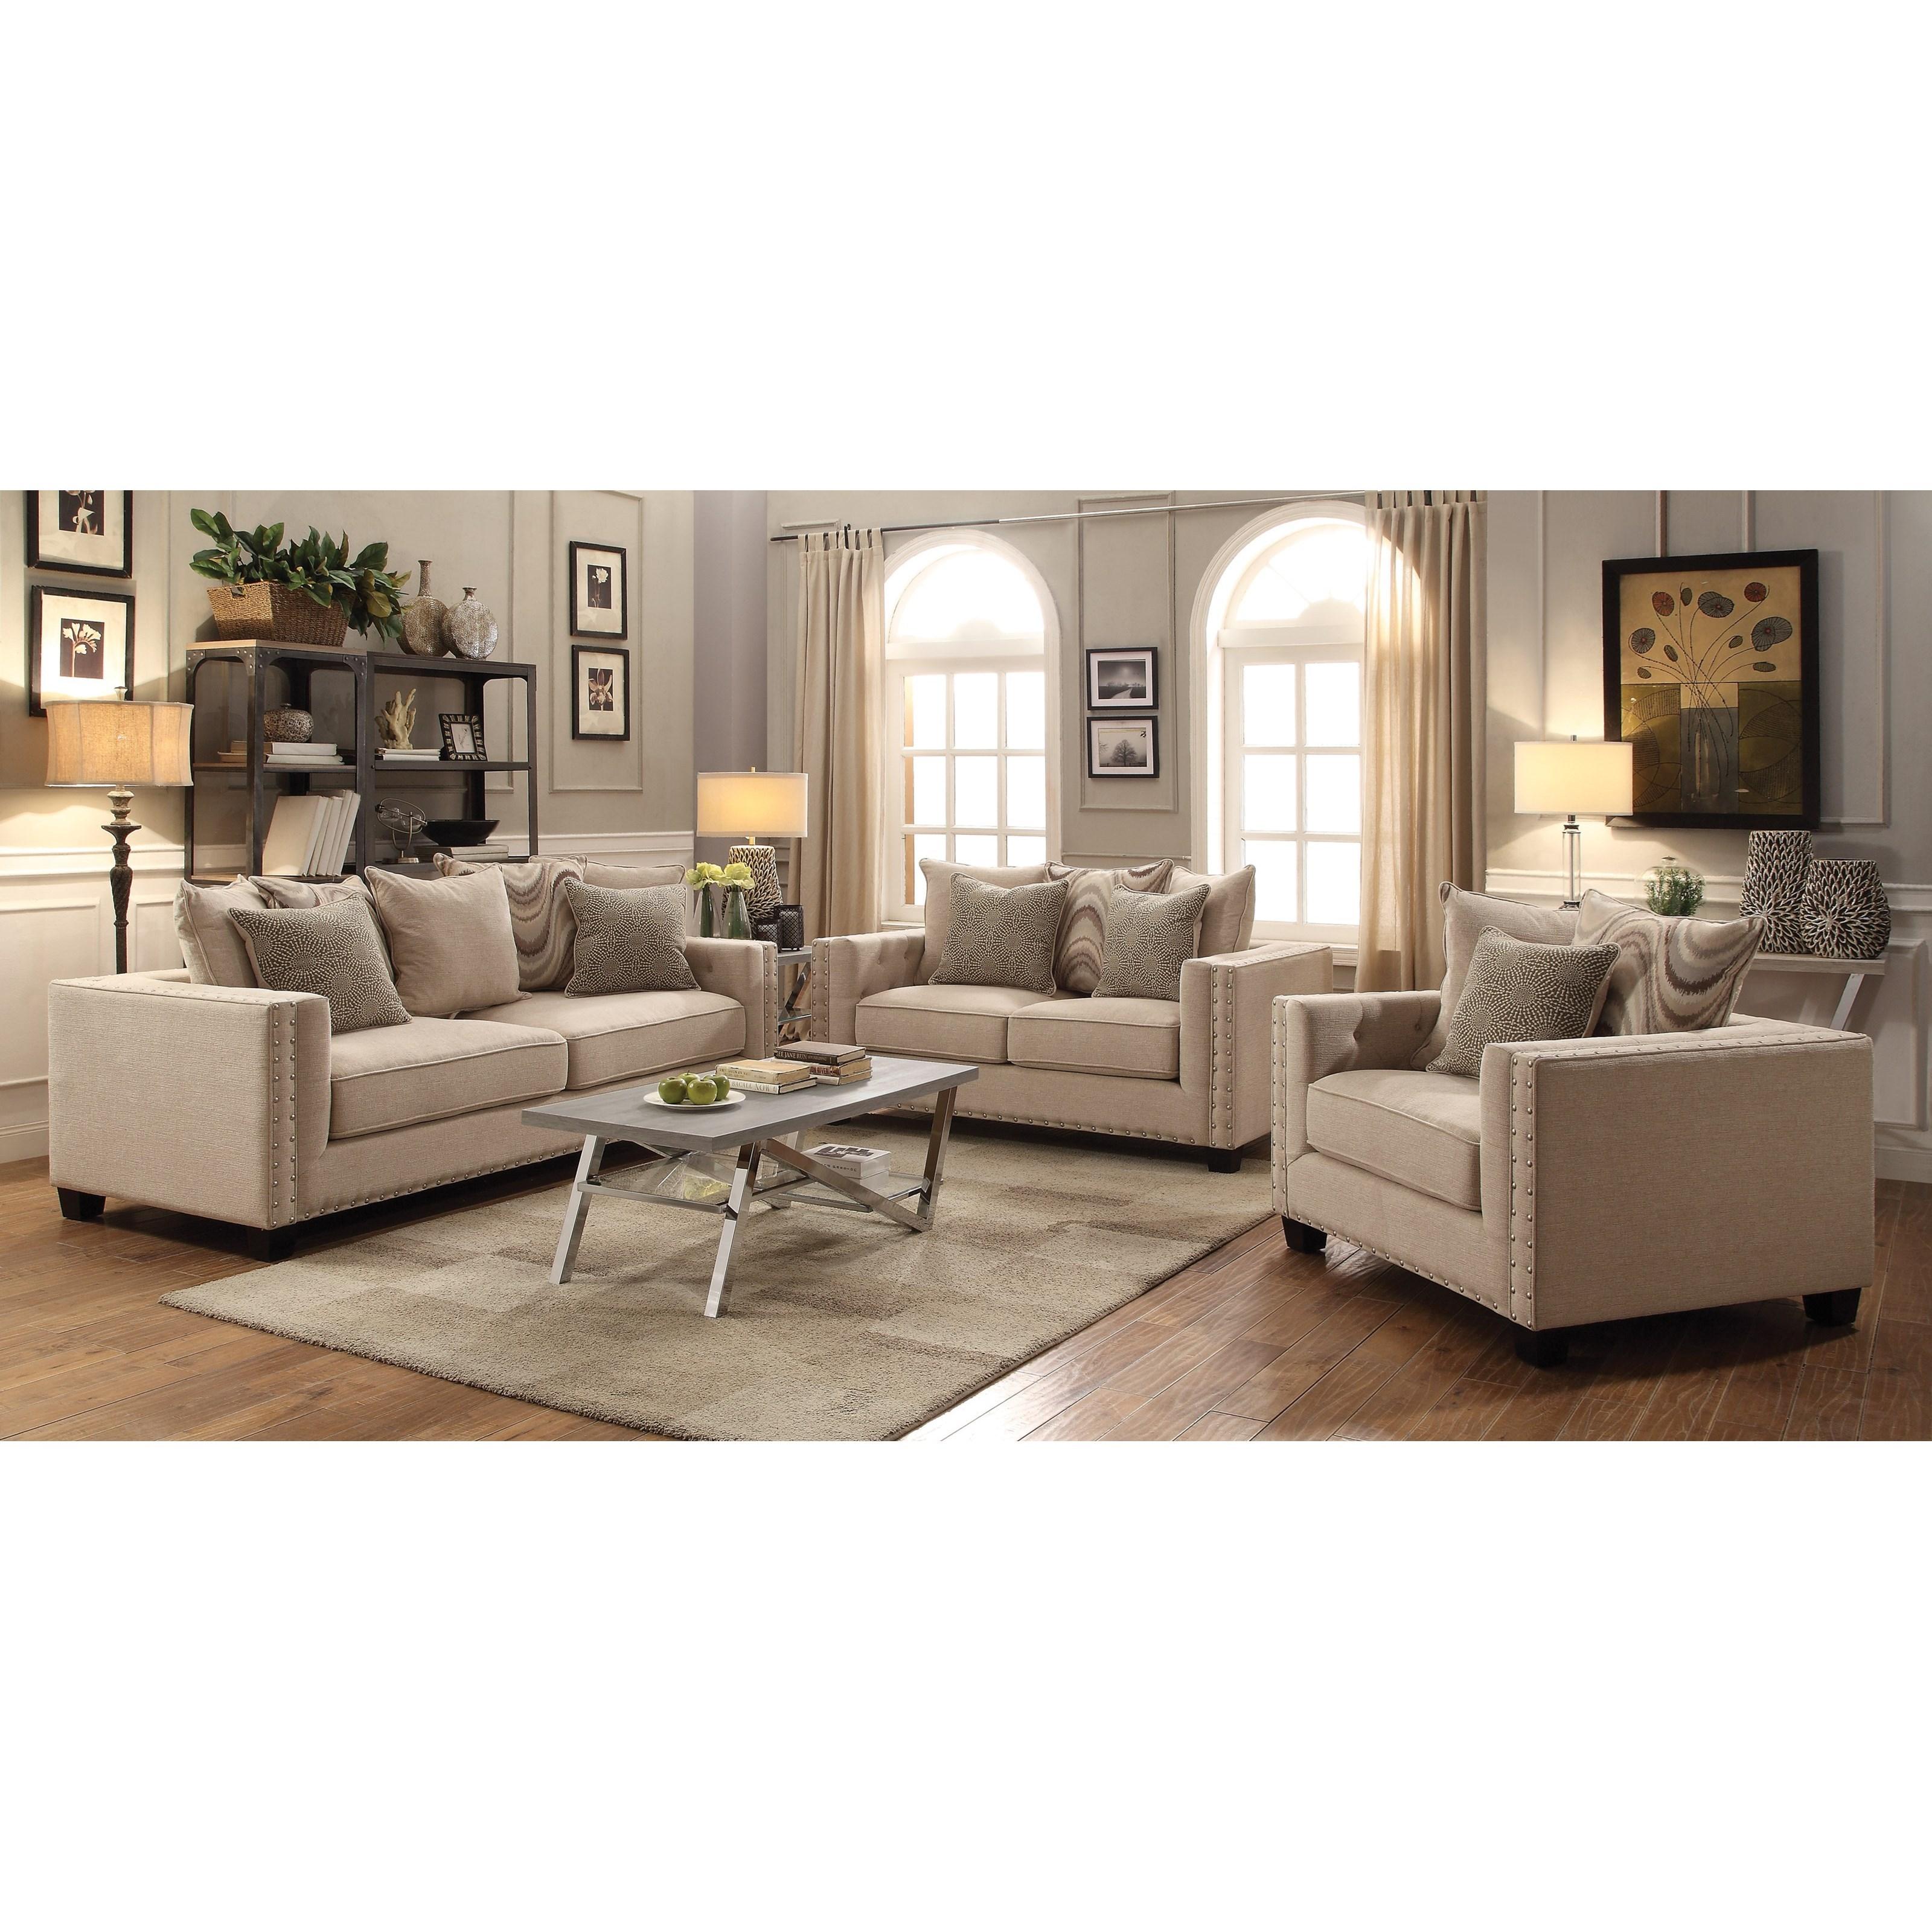 Coaster Lyonesse Stationary Living Room Group Del Sol Furniture Stationar